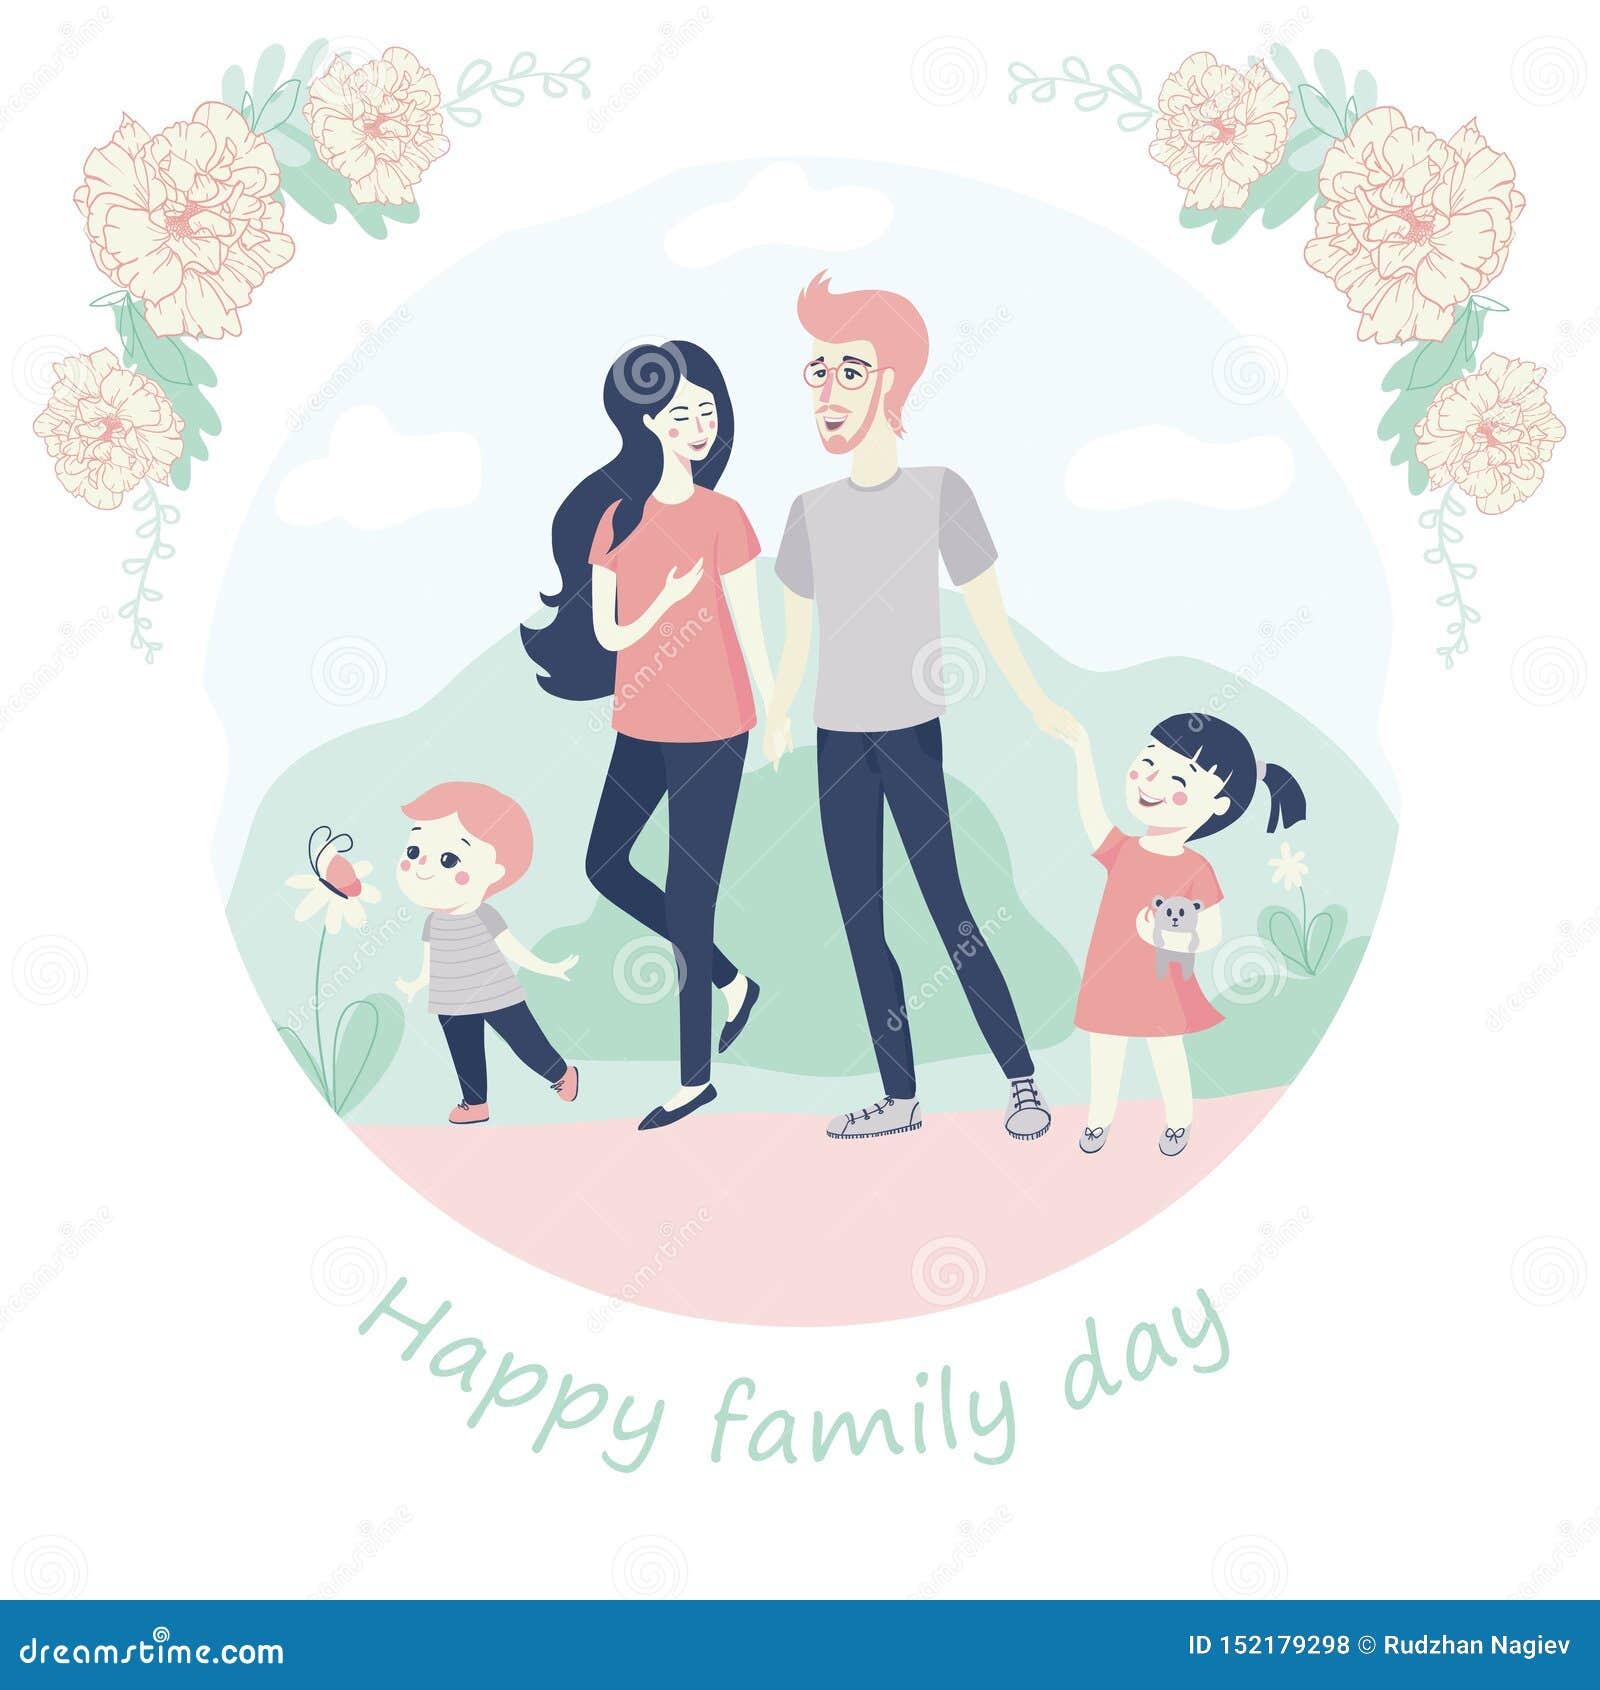 Concetto felice di giorno della famiglia con una giovane famiglia con i bambini, un piccolo fratello e sorella, camminanti congiu